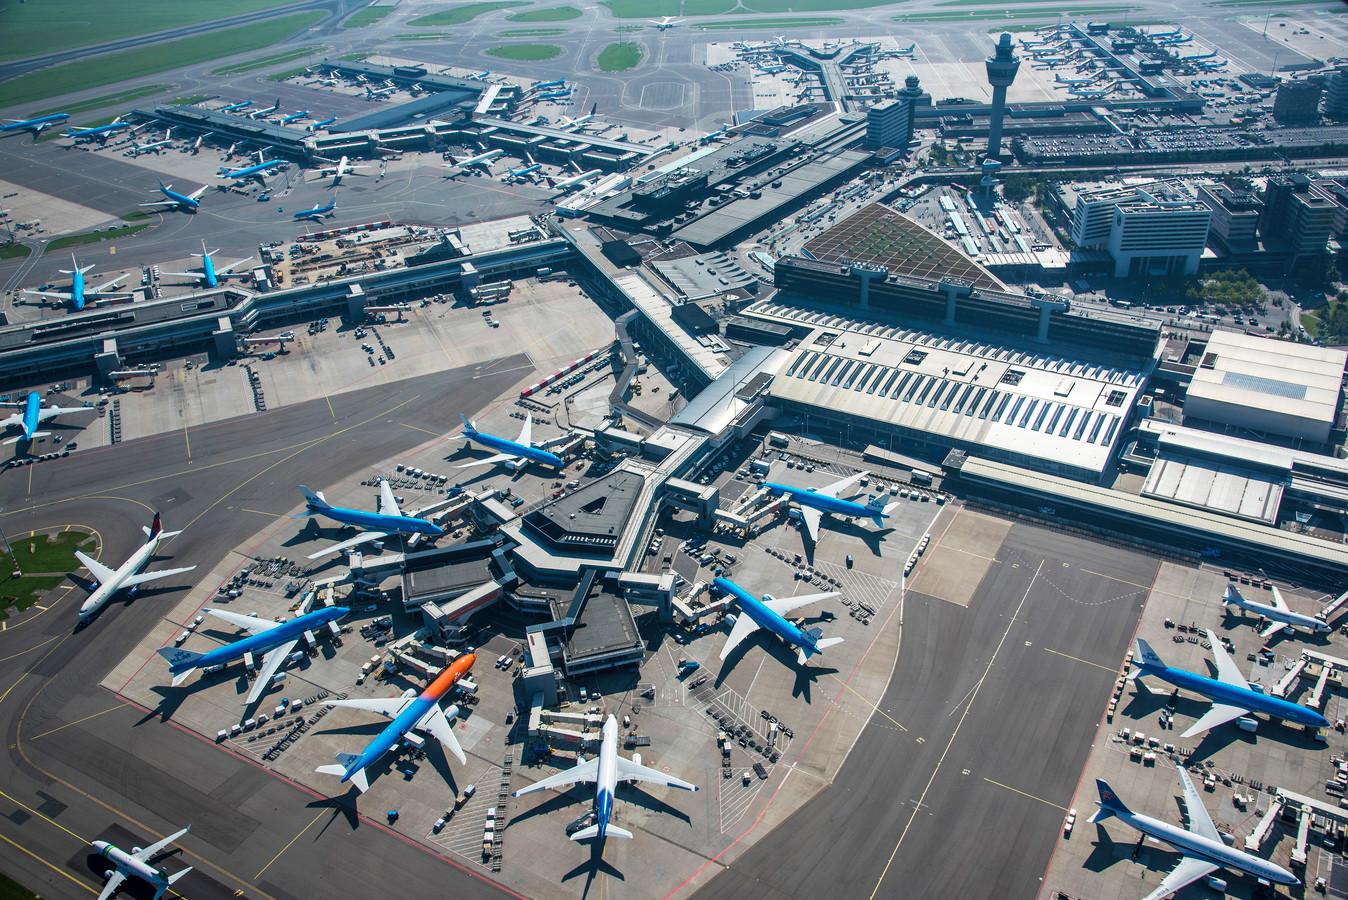 Volgens cijfers van Luchtverkeersleiding Nederland (LVNL) worden jaarlijk tussen de 25 en 50 serieuze incidenten in het vliegverkeer gemeld.